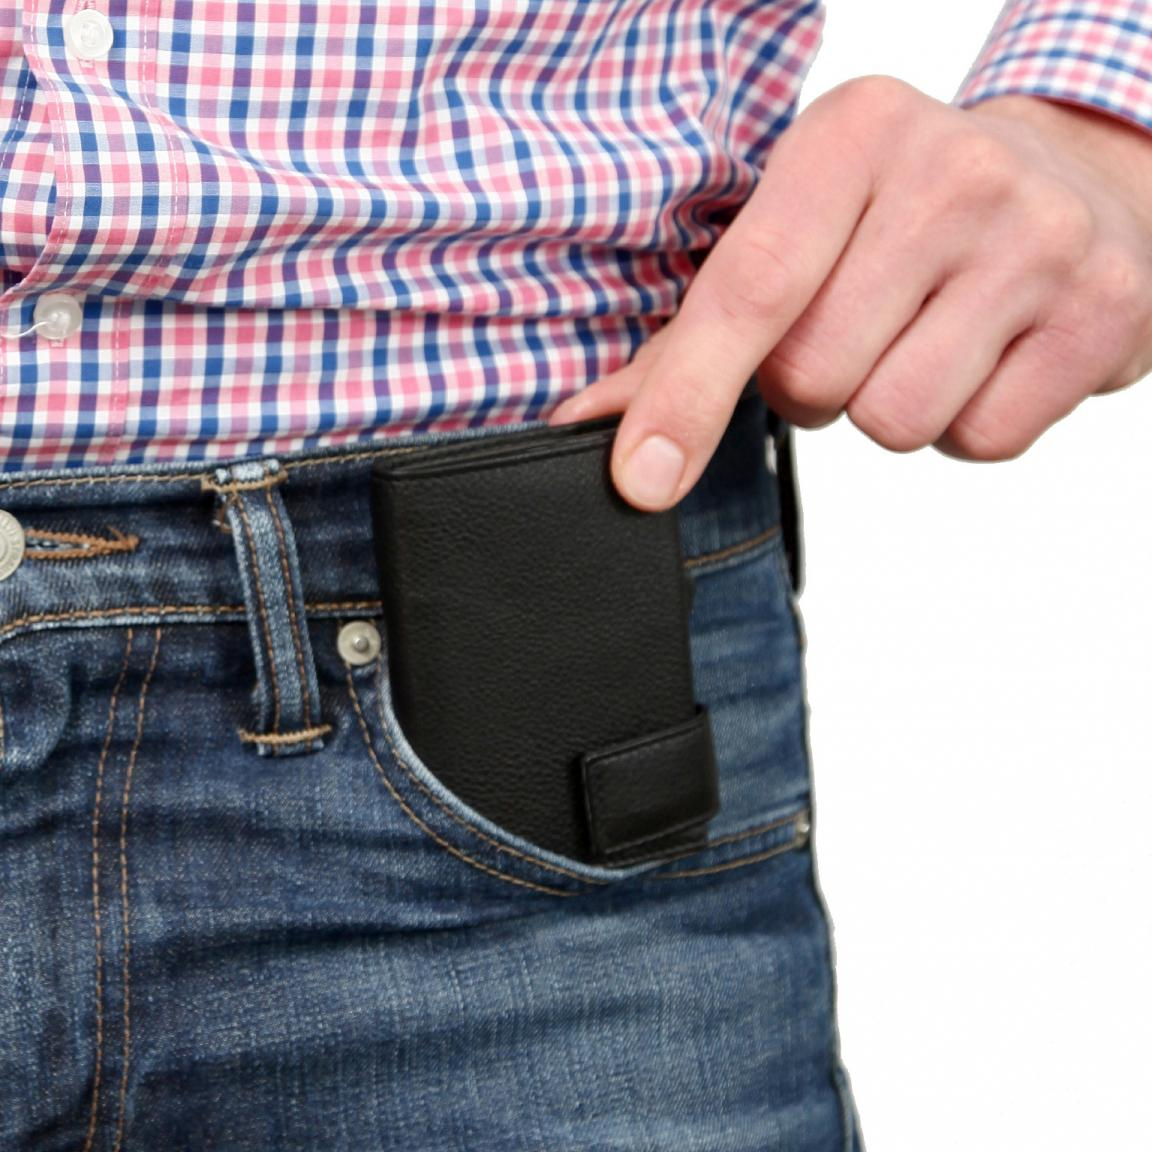 SecWal Geldbörse Ausleseschutz RFID Metallhülle schwarz